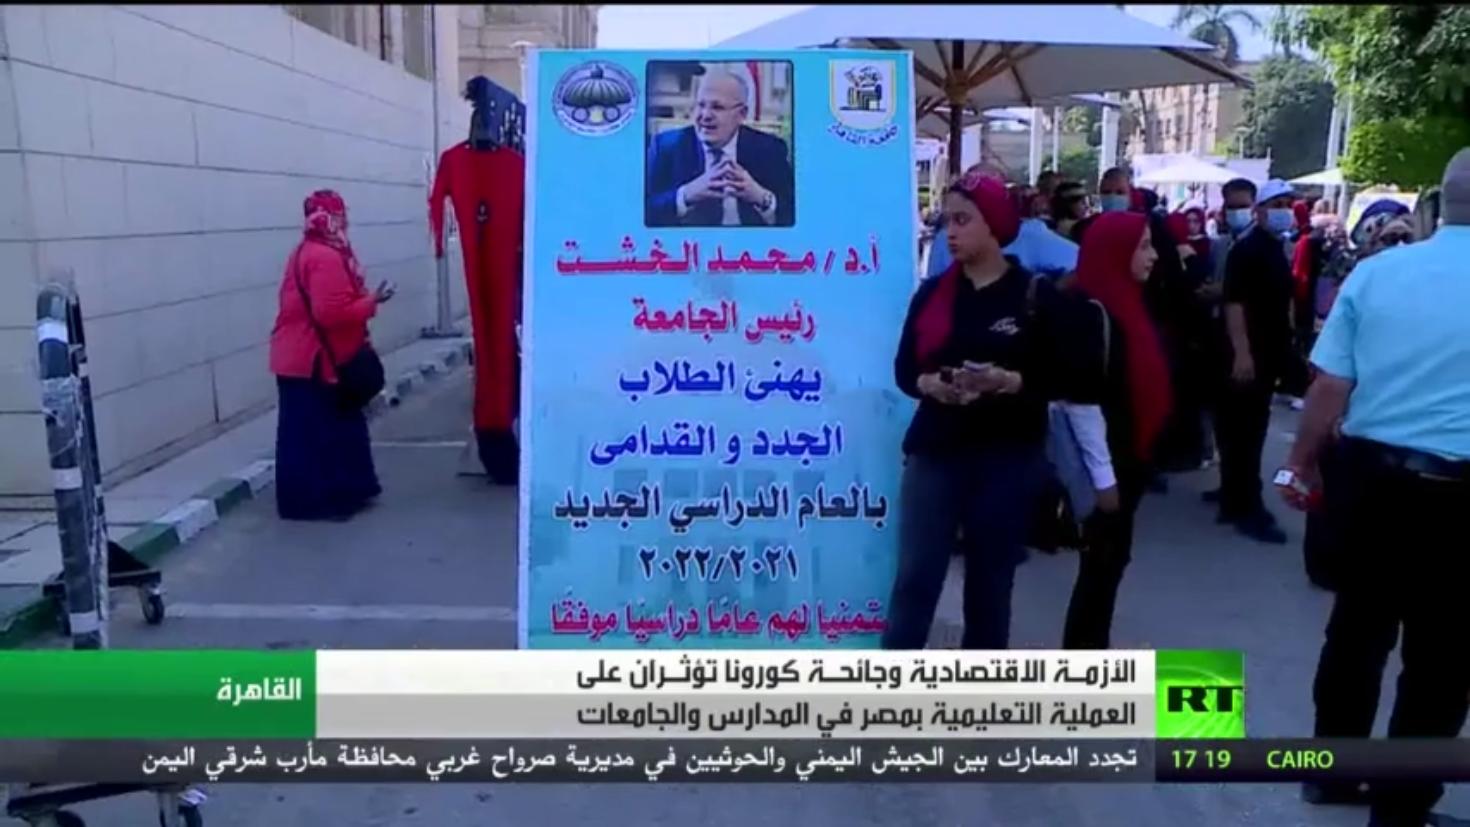 تواصل العملية التعليمية بمصر رغم كورونا